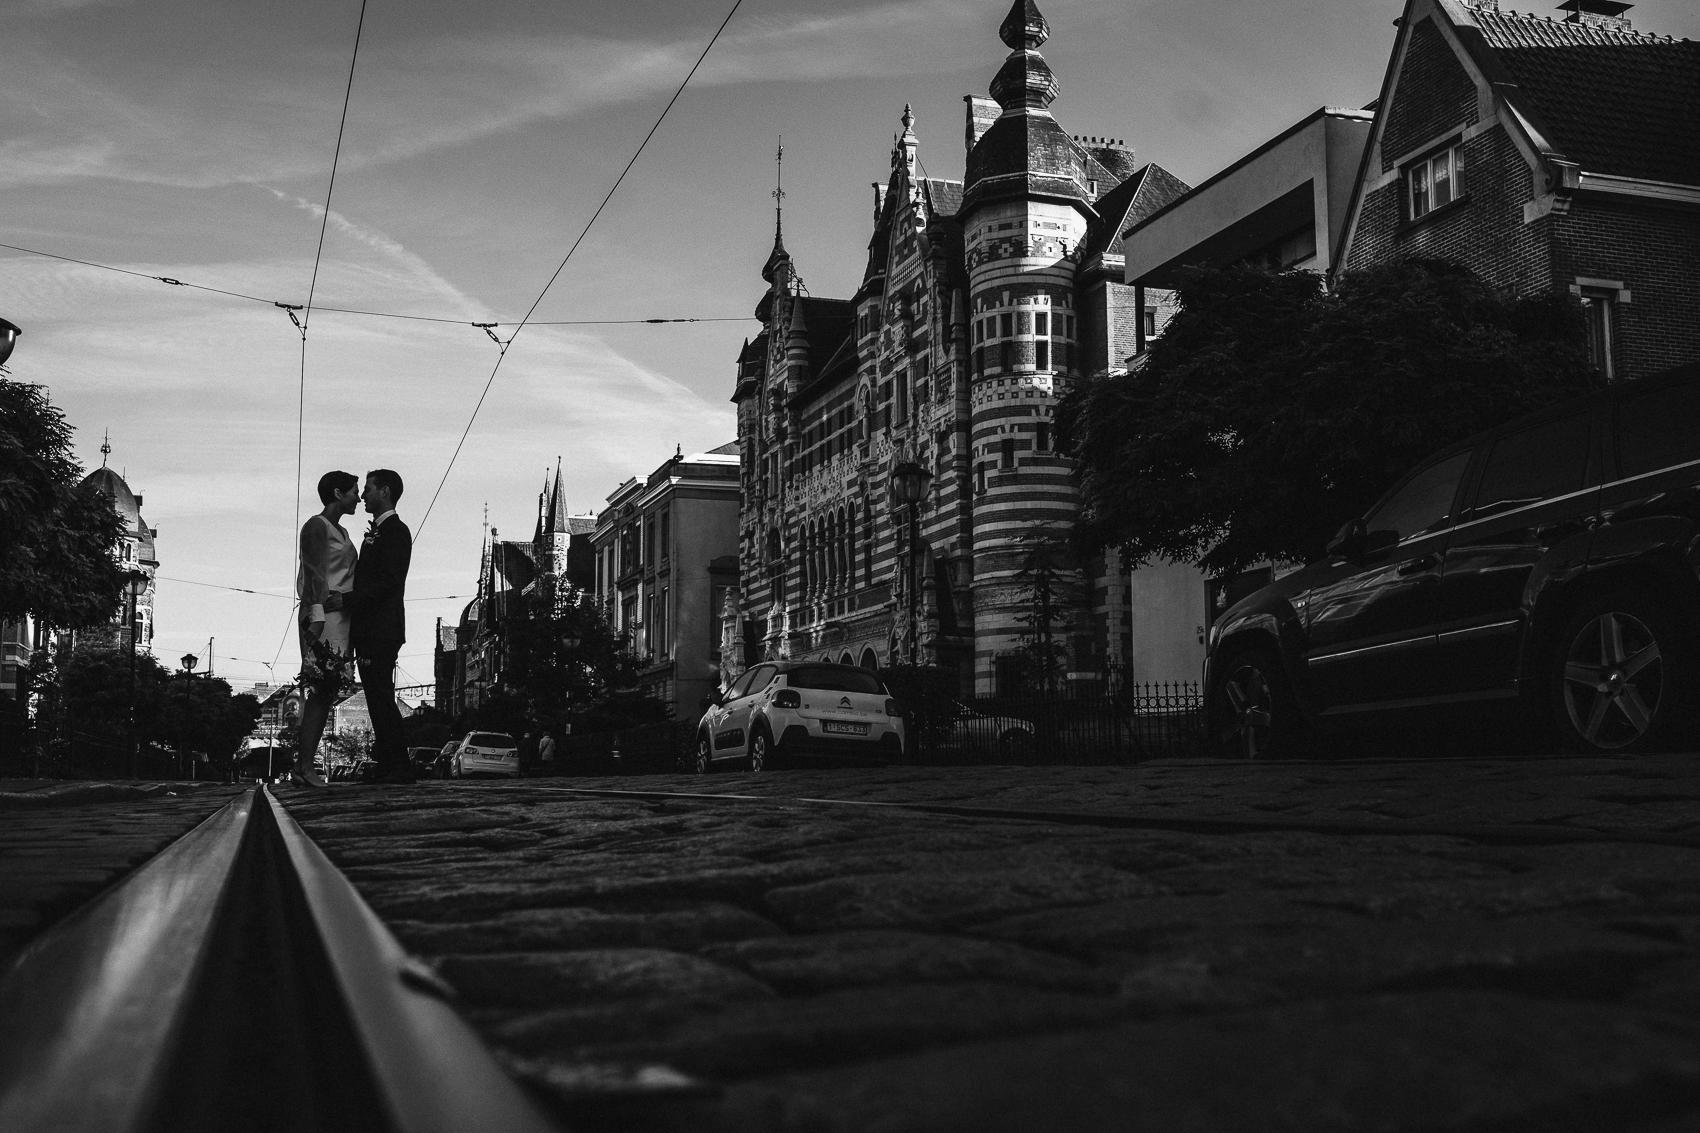 iso800 - huwelijksfotograaf Jacinth en Jens Antwerpen-13.jpg